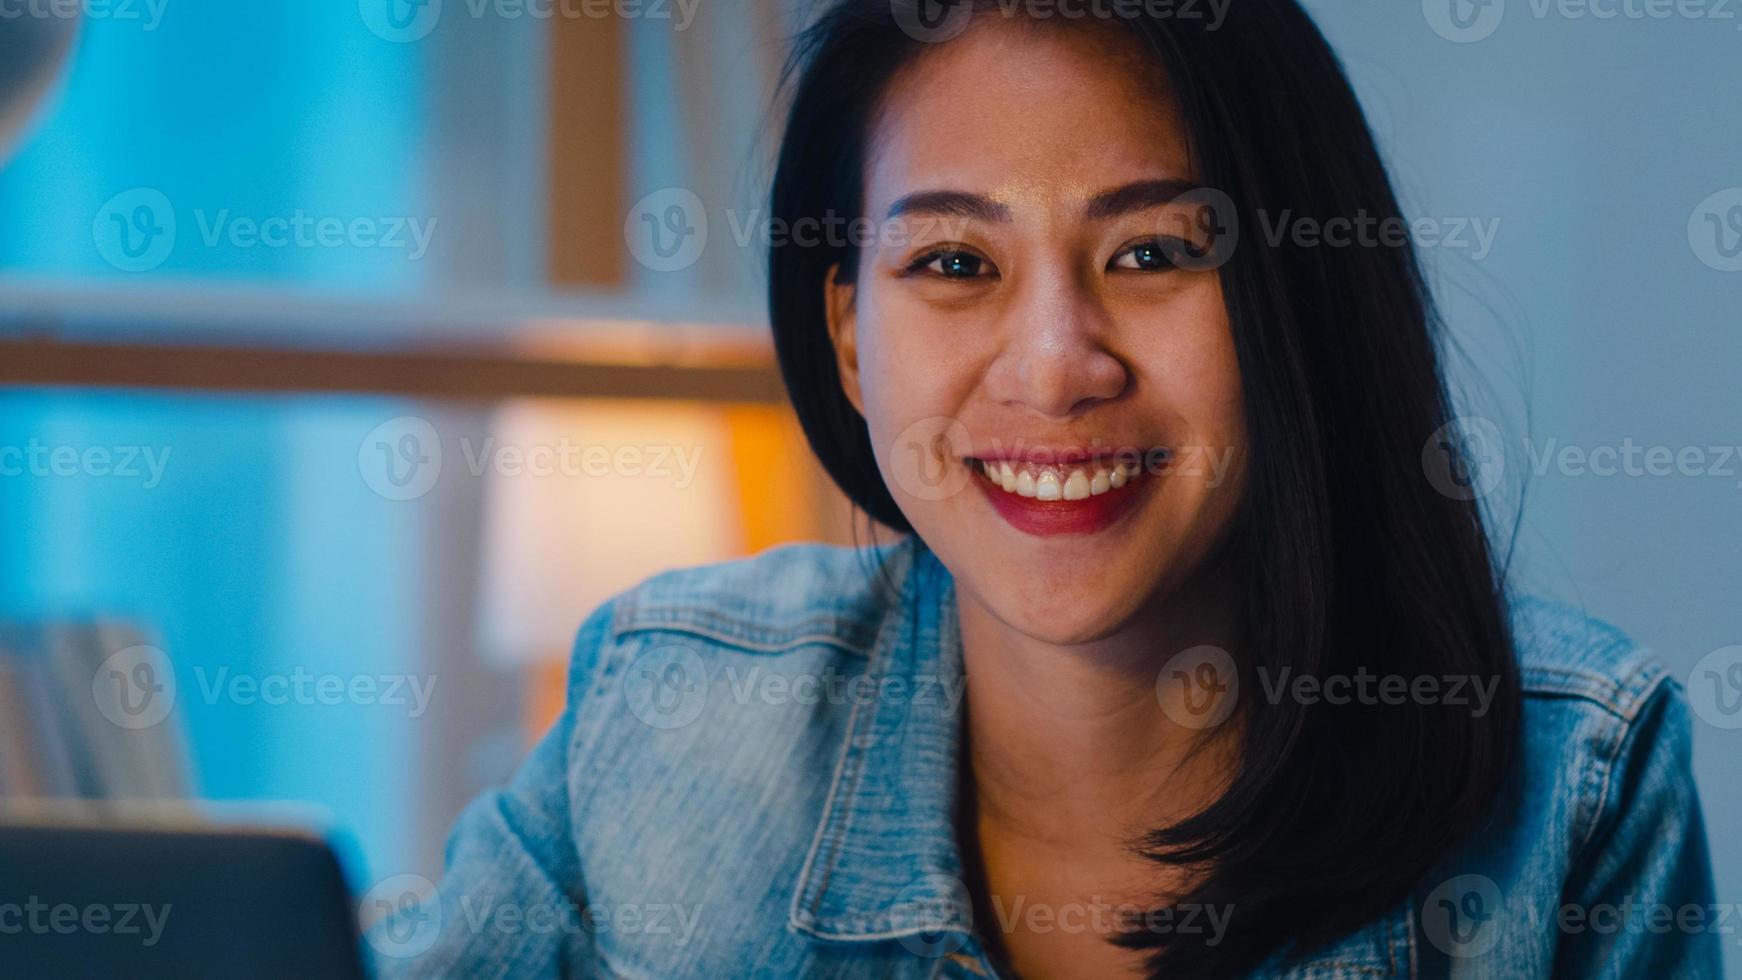 Señora joven alegre del diseñador gráfico que usa la tableta gráfica digital mientras trabaja hasta tarde en la oficina moderna por la noche, mujer profesional de Asia que usa el retocador de la computadora portátil que se sienta en la sala de estar en casa. foto